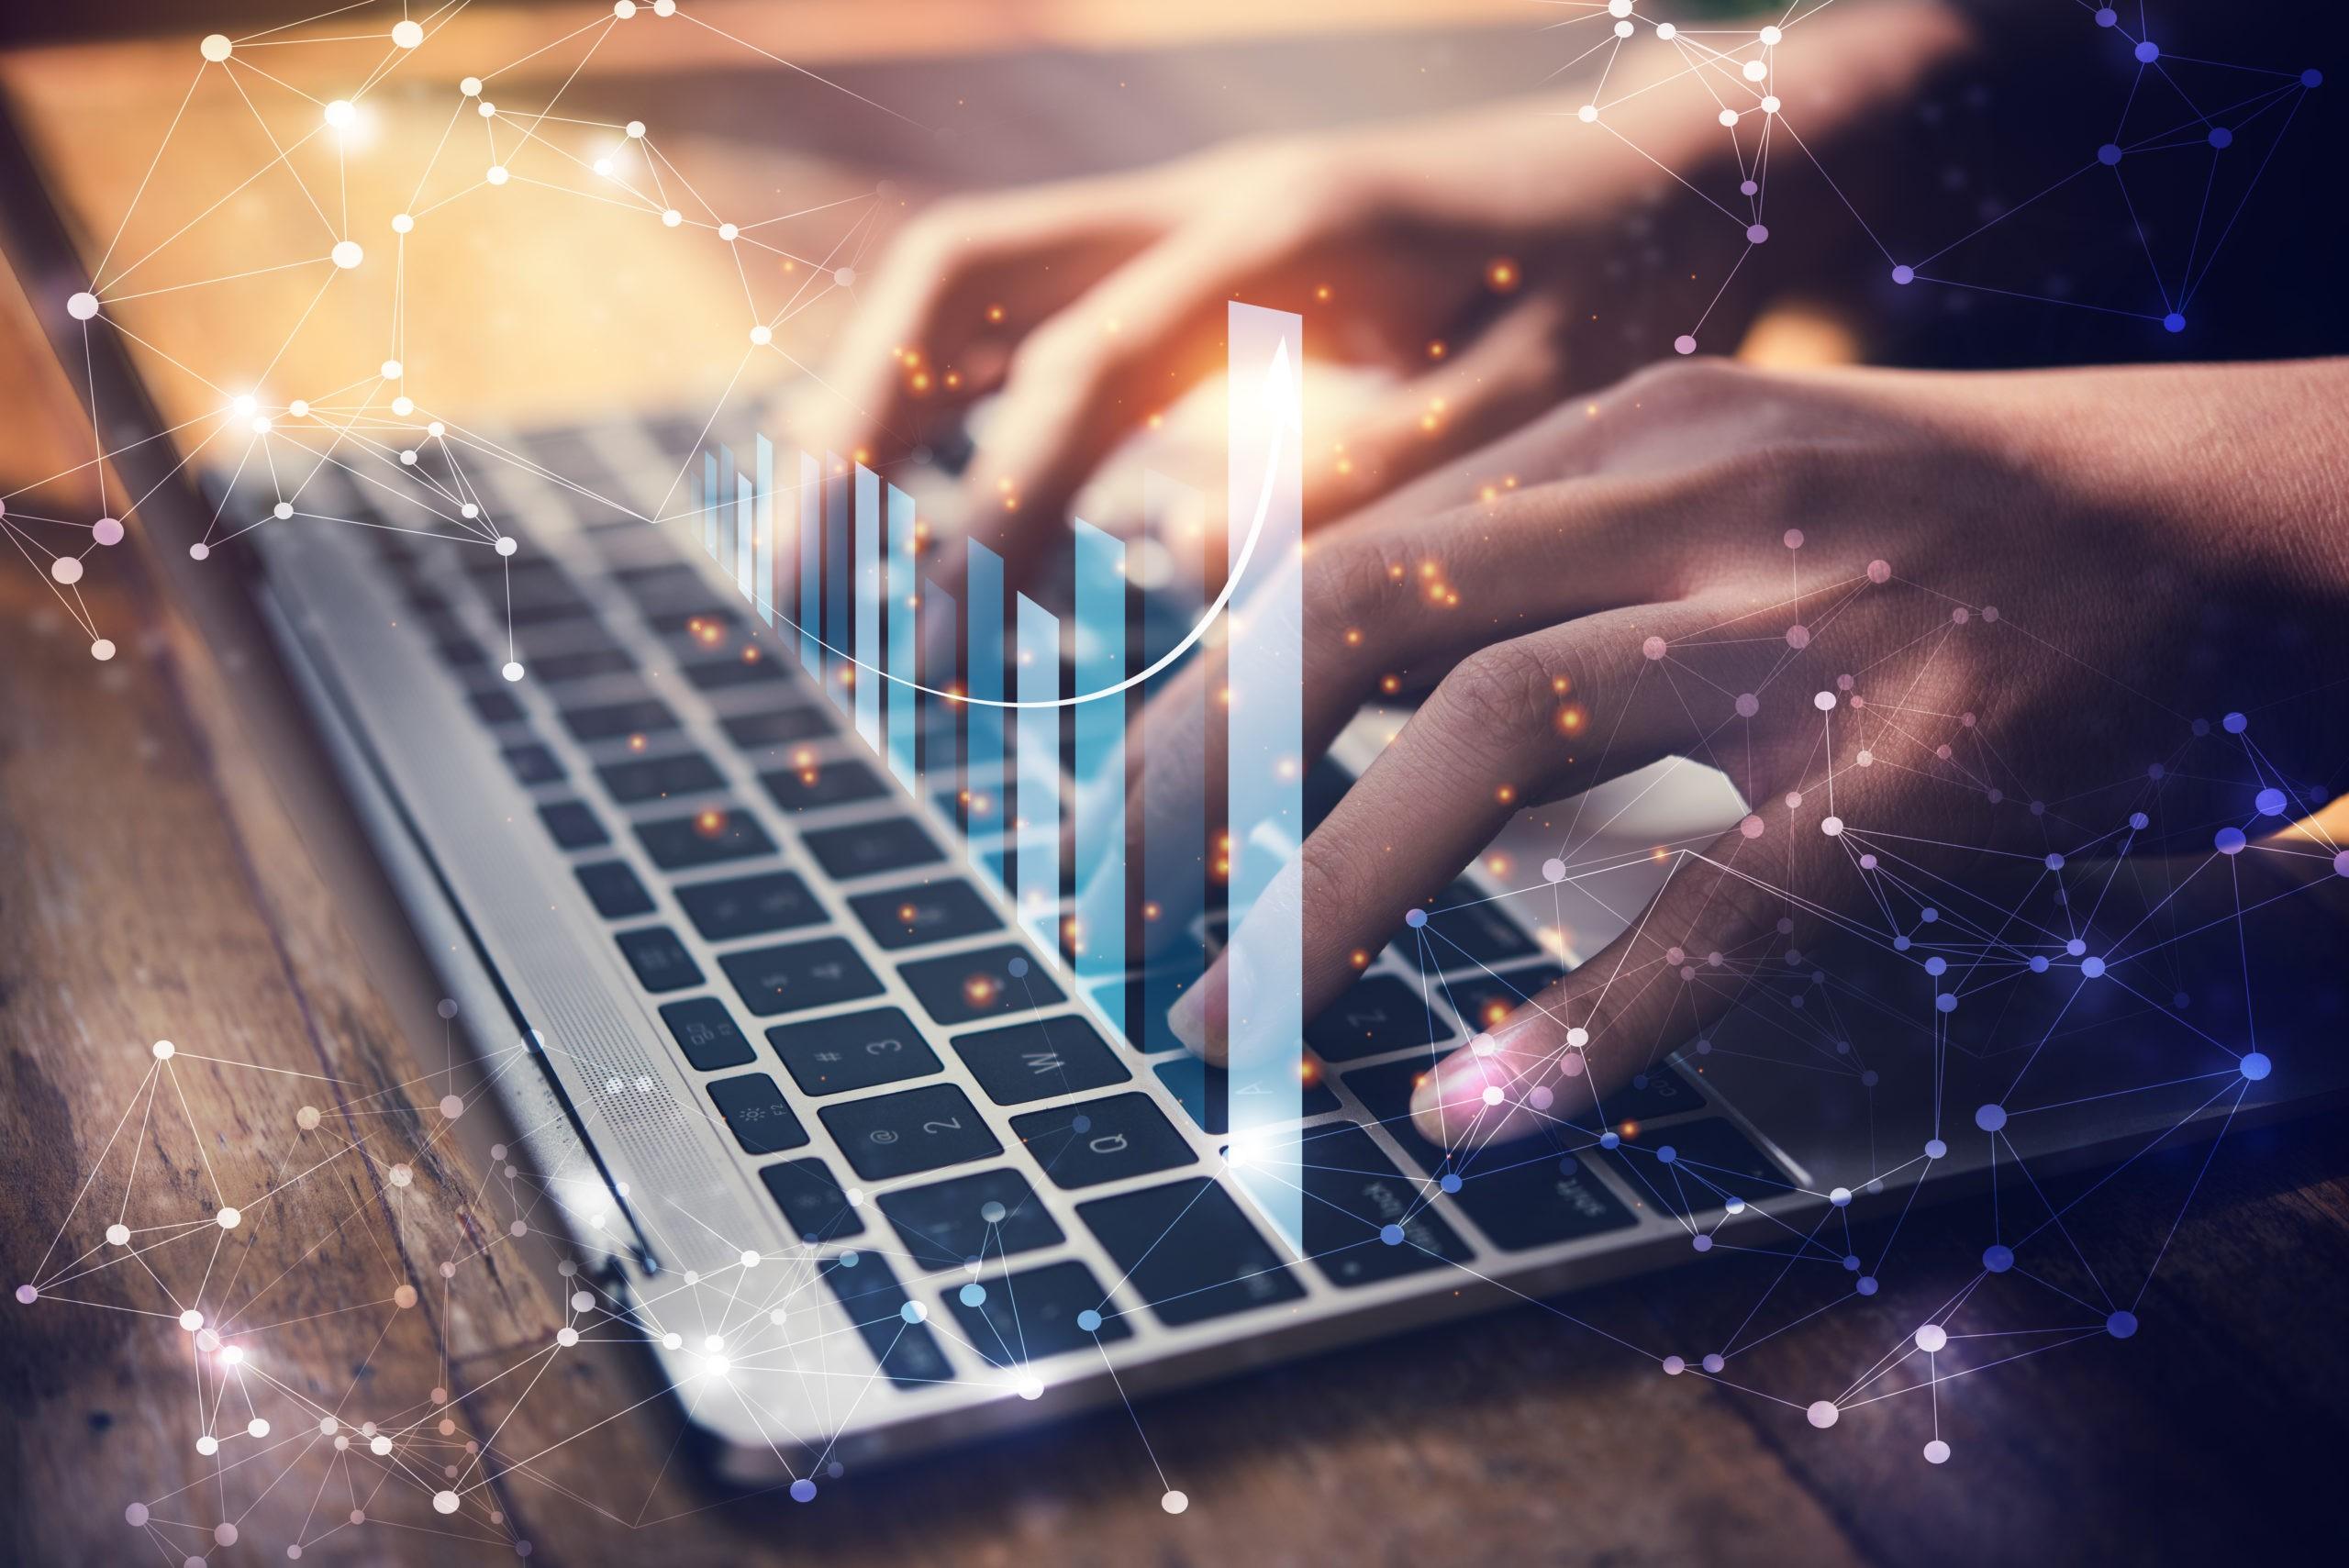 Mission sur la publicité à l'ère du numérique: faire évoluer la régulation et la règlementation